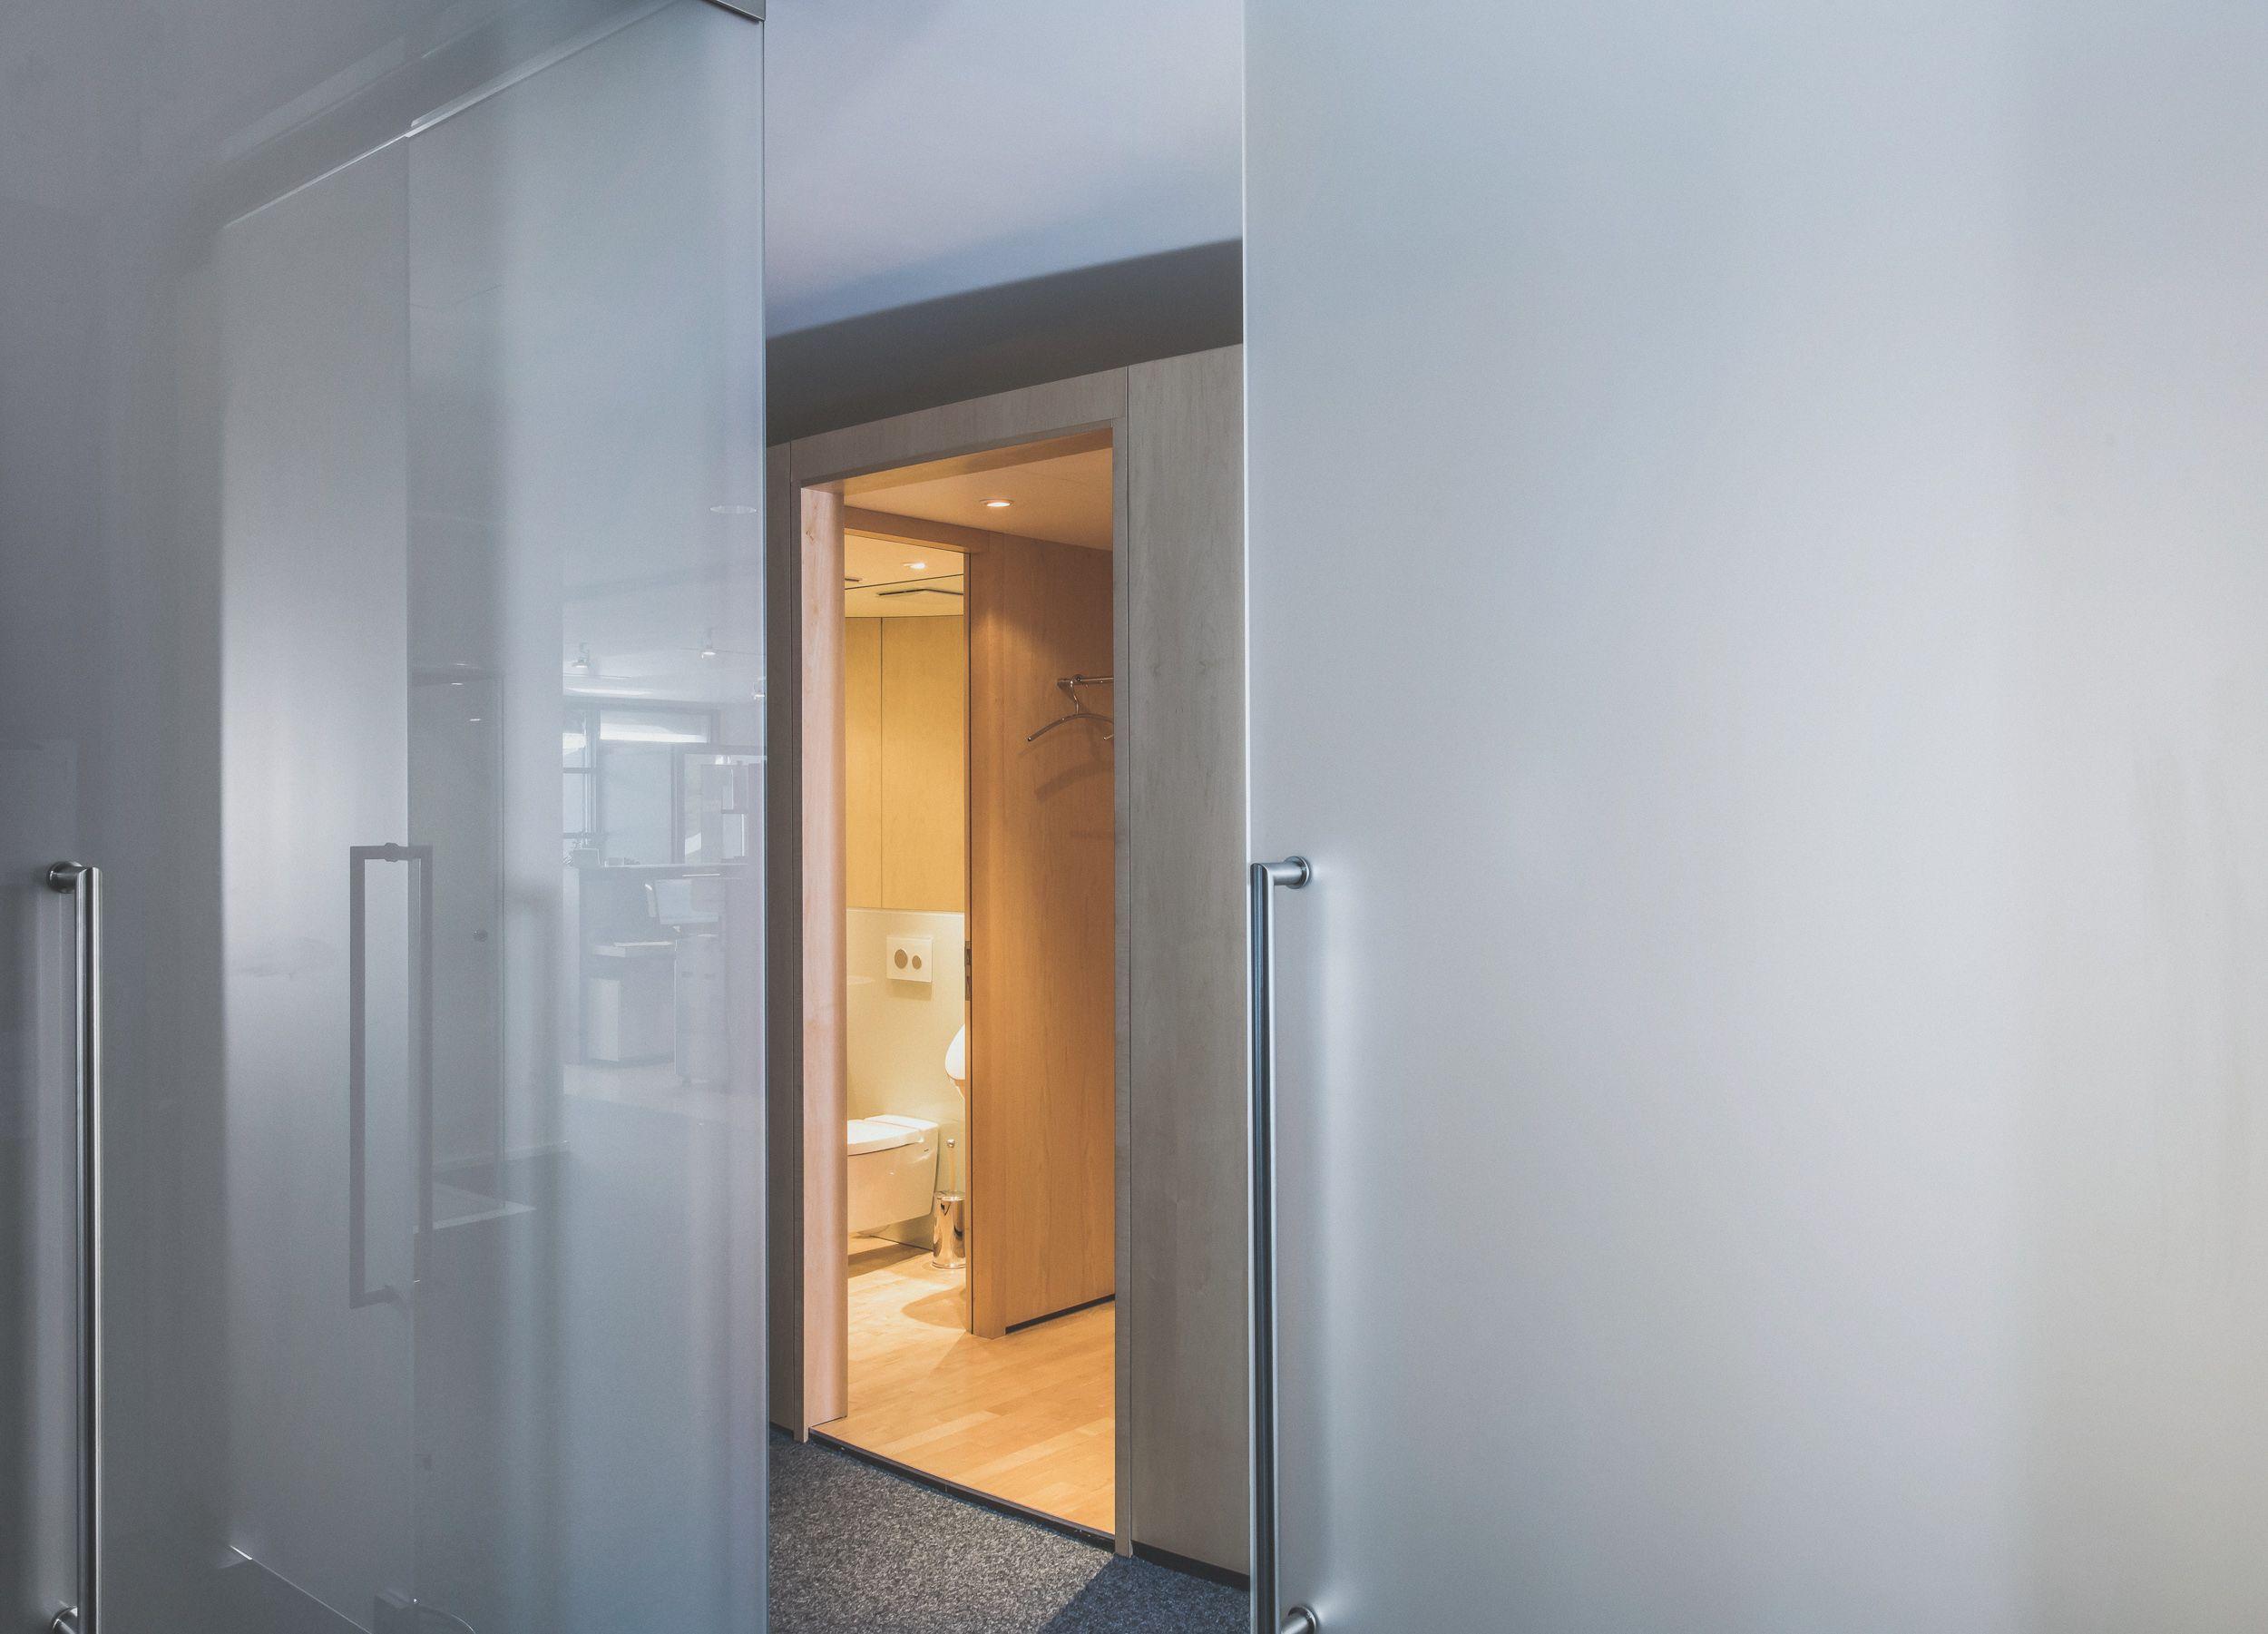 Zeitlose Und Moderne Glasturen Das Upgrade Fur Ihr Zuhause Glastur Drehtur Schiebetur